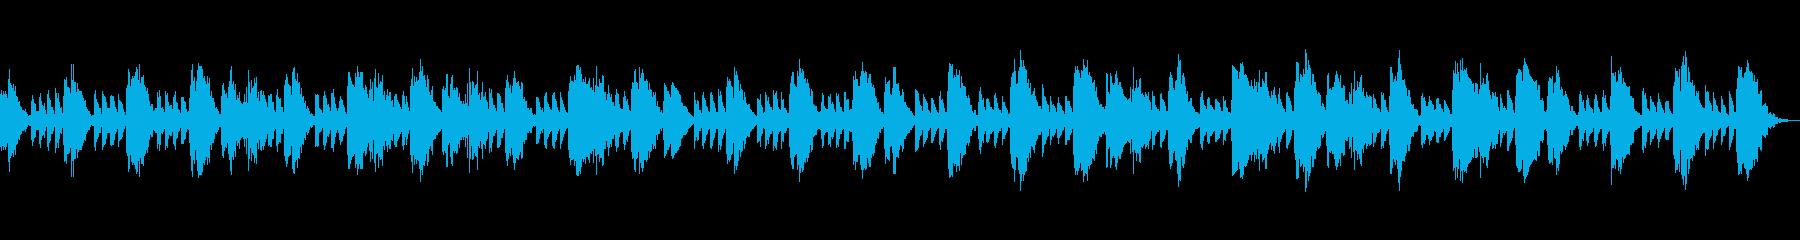 安らかな夜を演出する優しい音楽の再生済みの波形